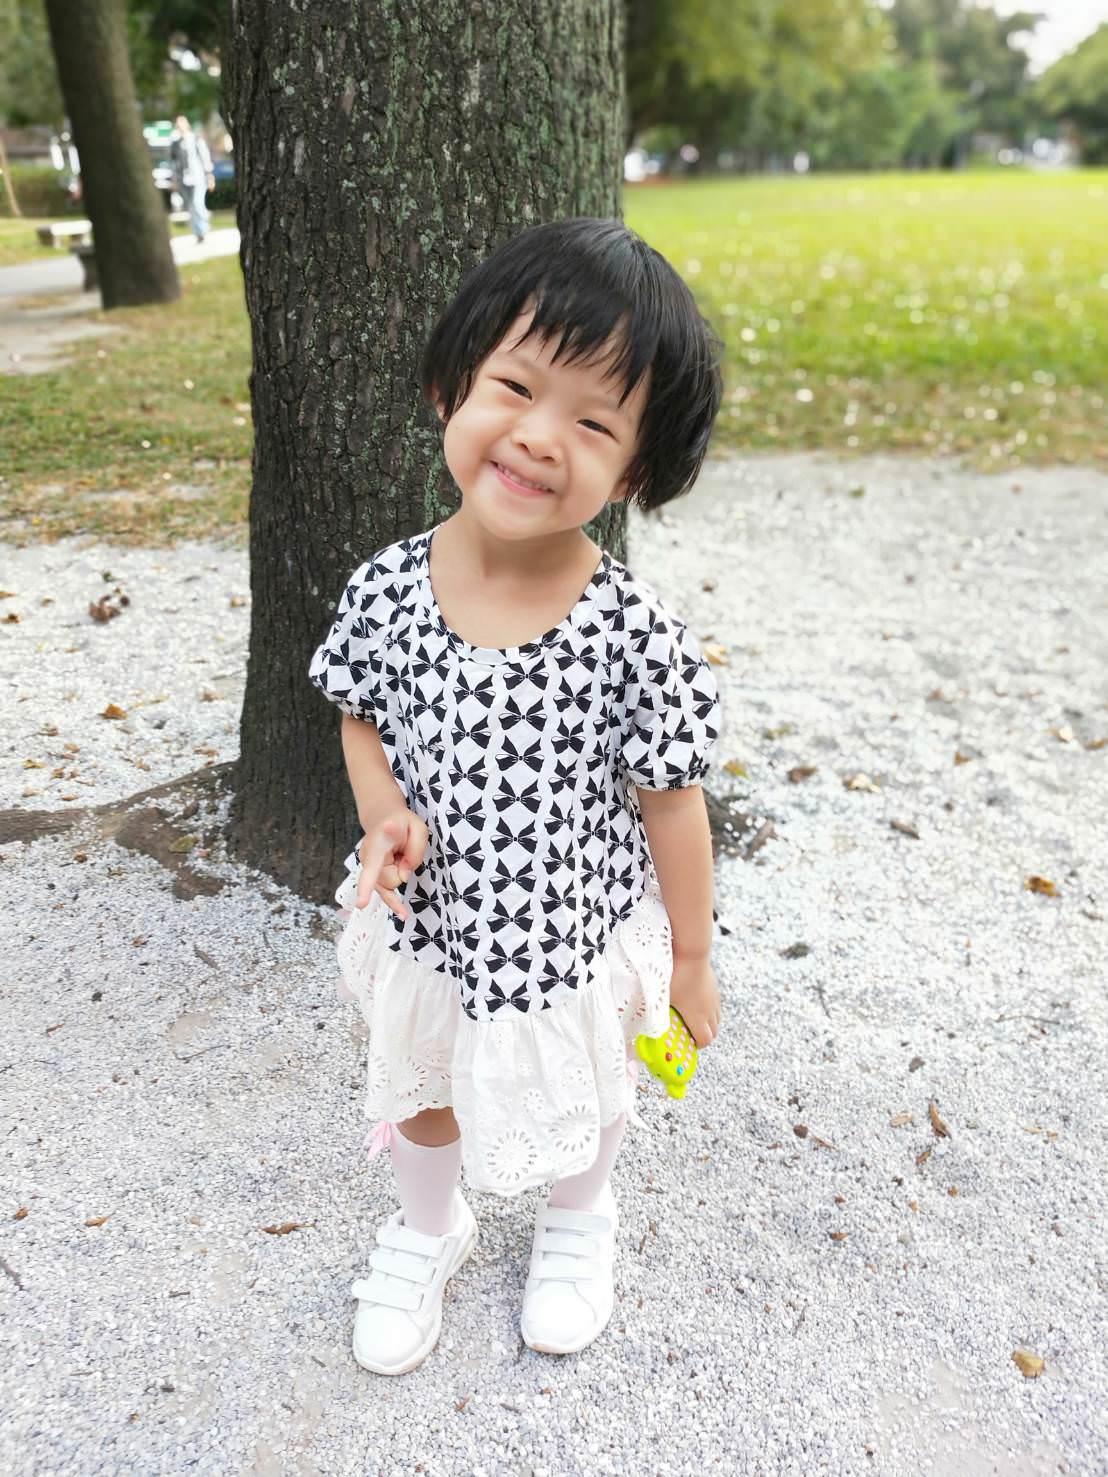 當童鞋遇上氣墊—富發牌氣墊鞋就是讓你好穿不生氣!